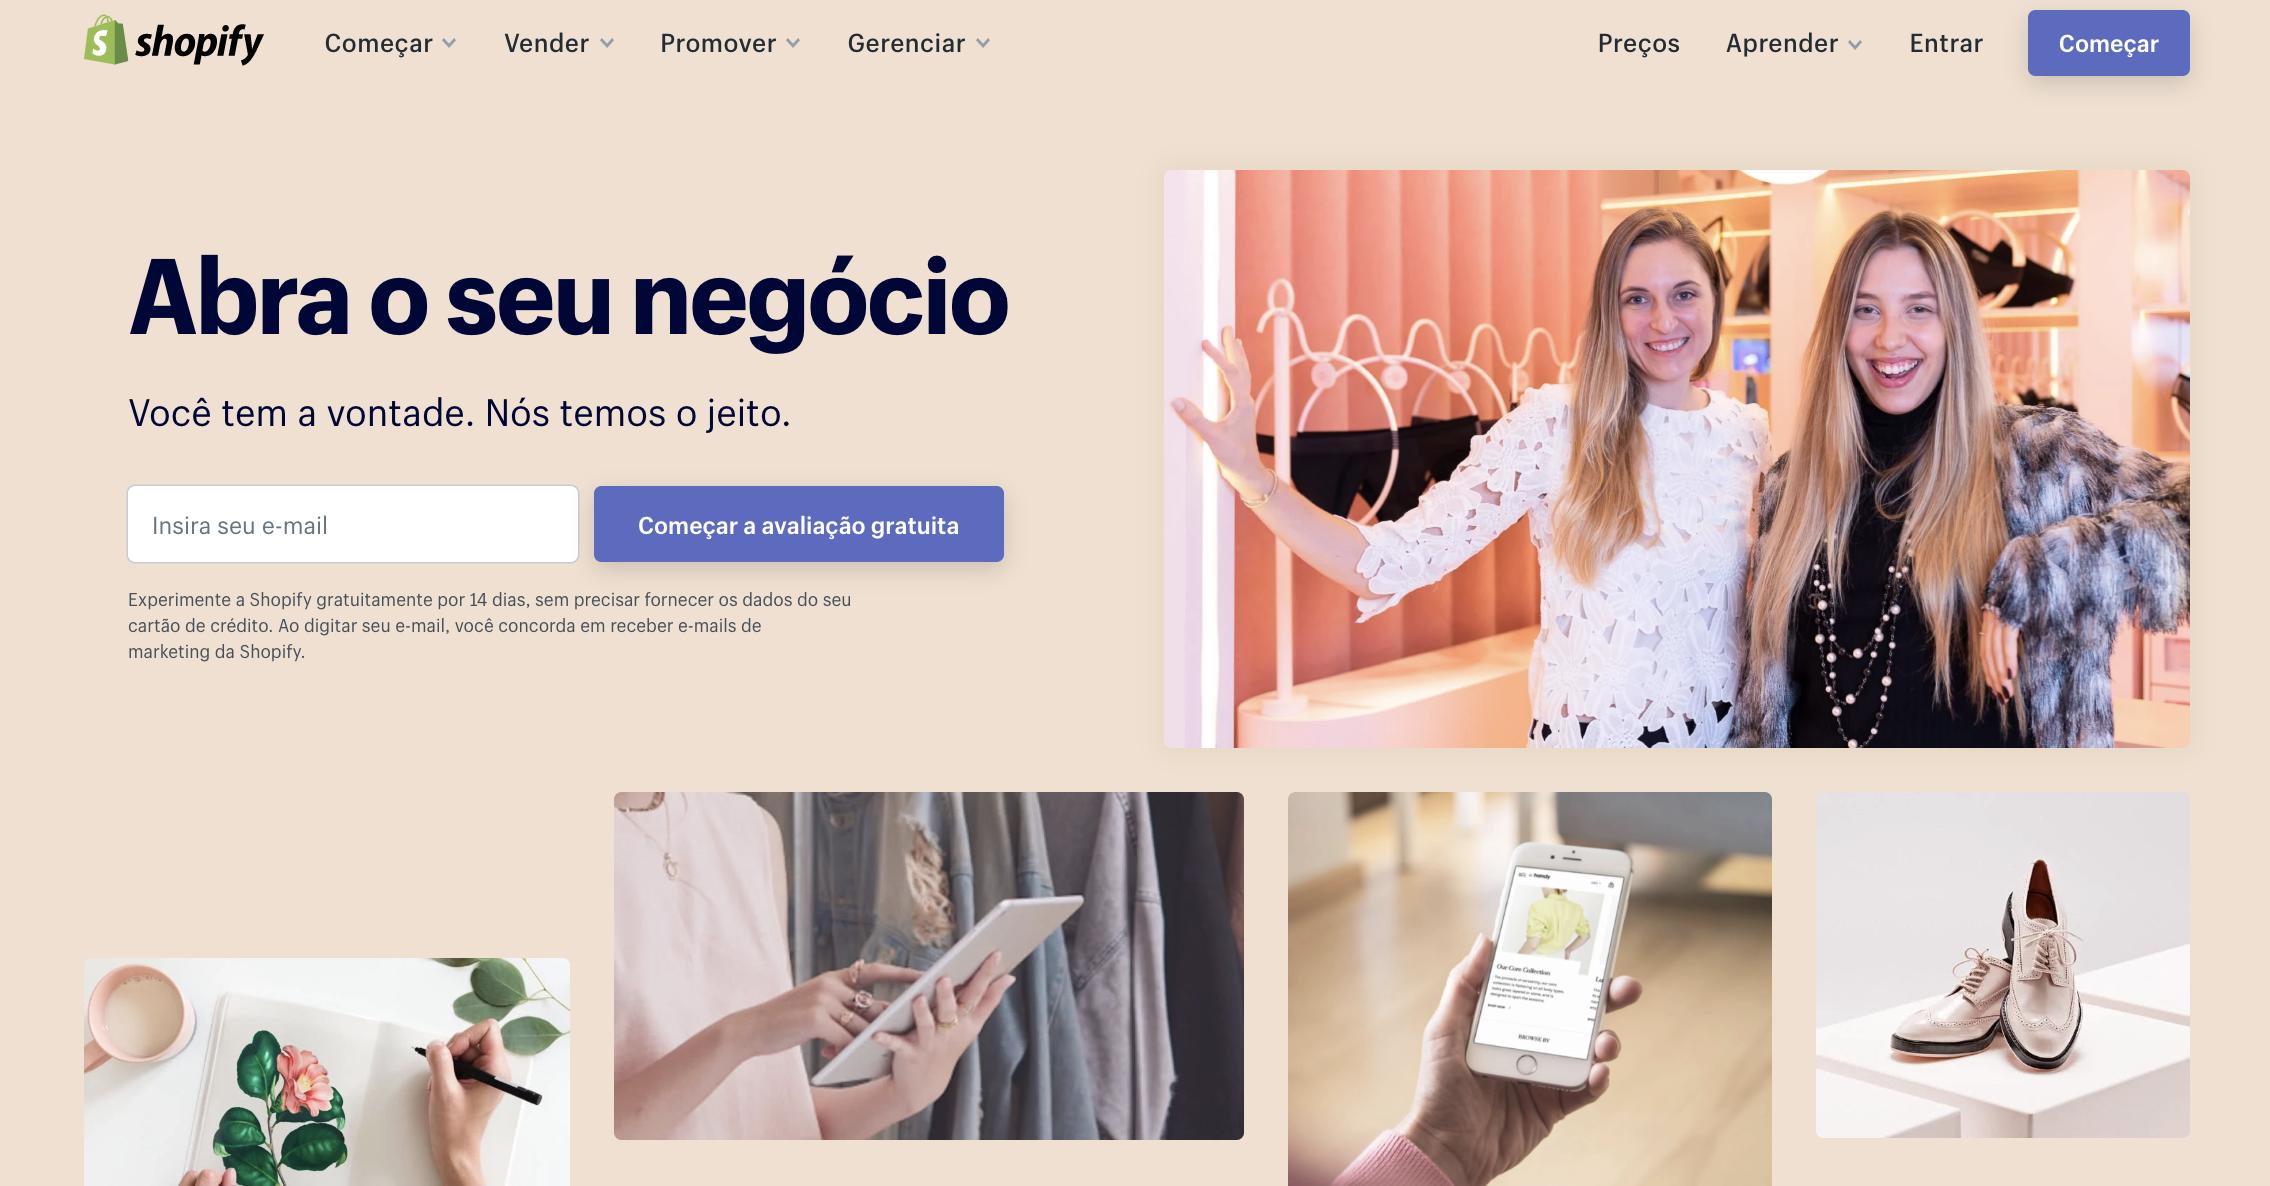 página inicial da plataforma Shopify para ecommerce